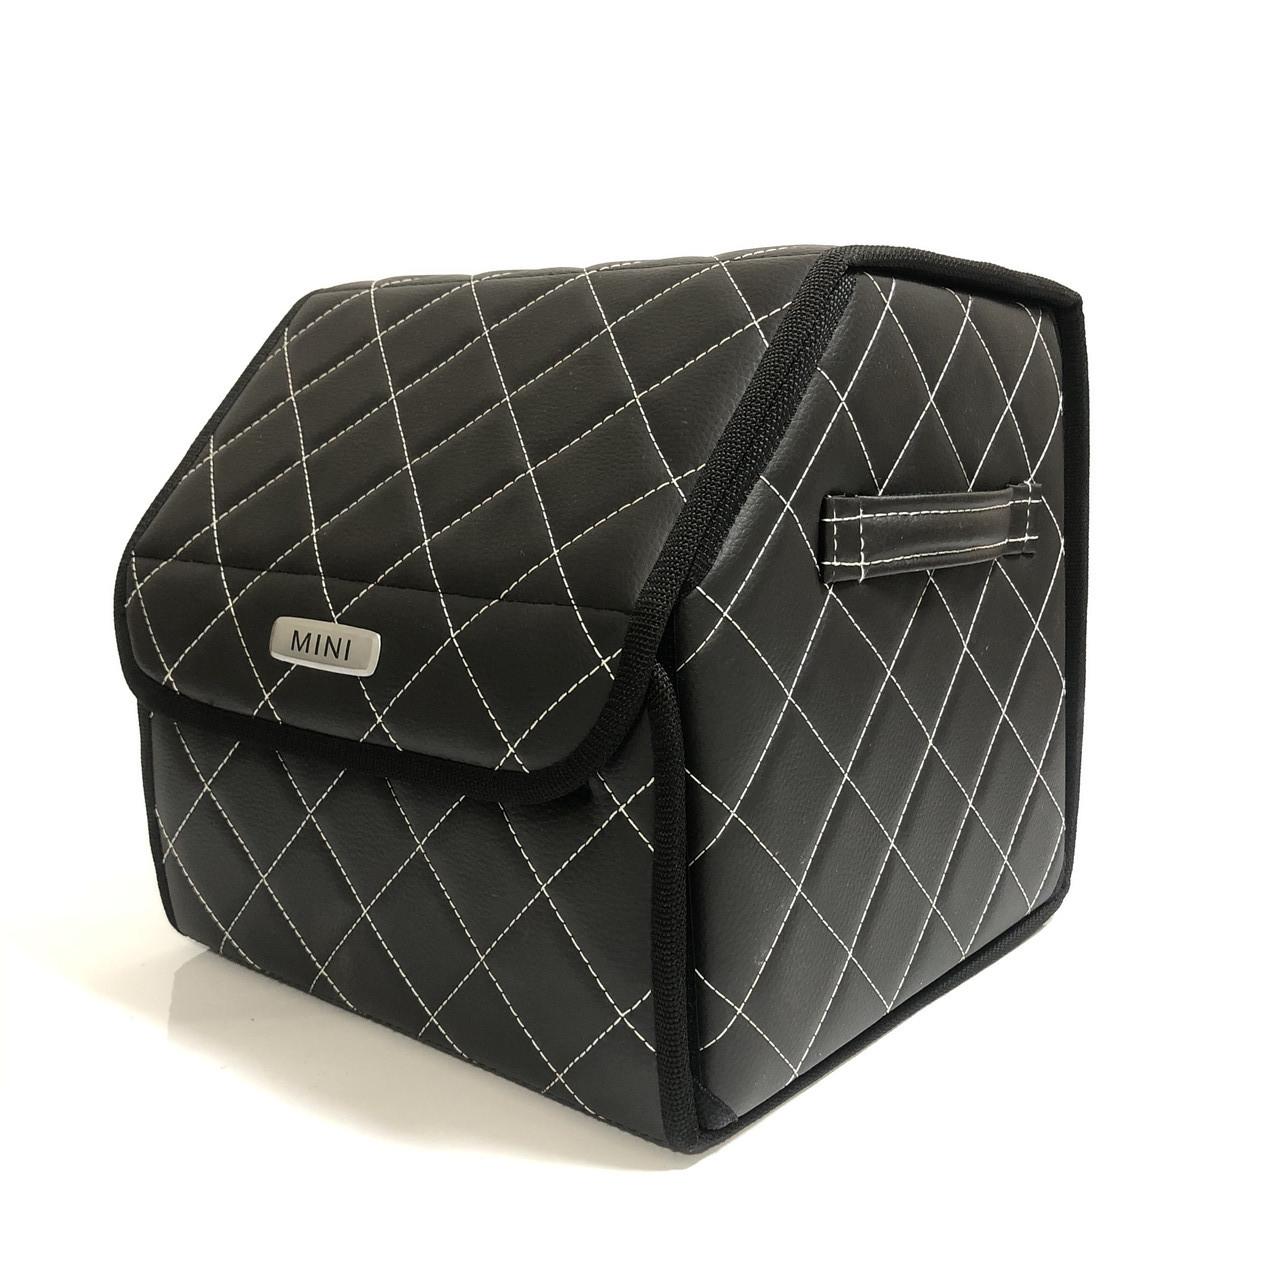 Саквояж с лого в багажник «MINI» I Органайзер в авто черный Мини